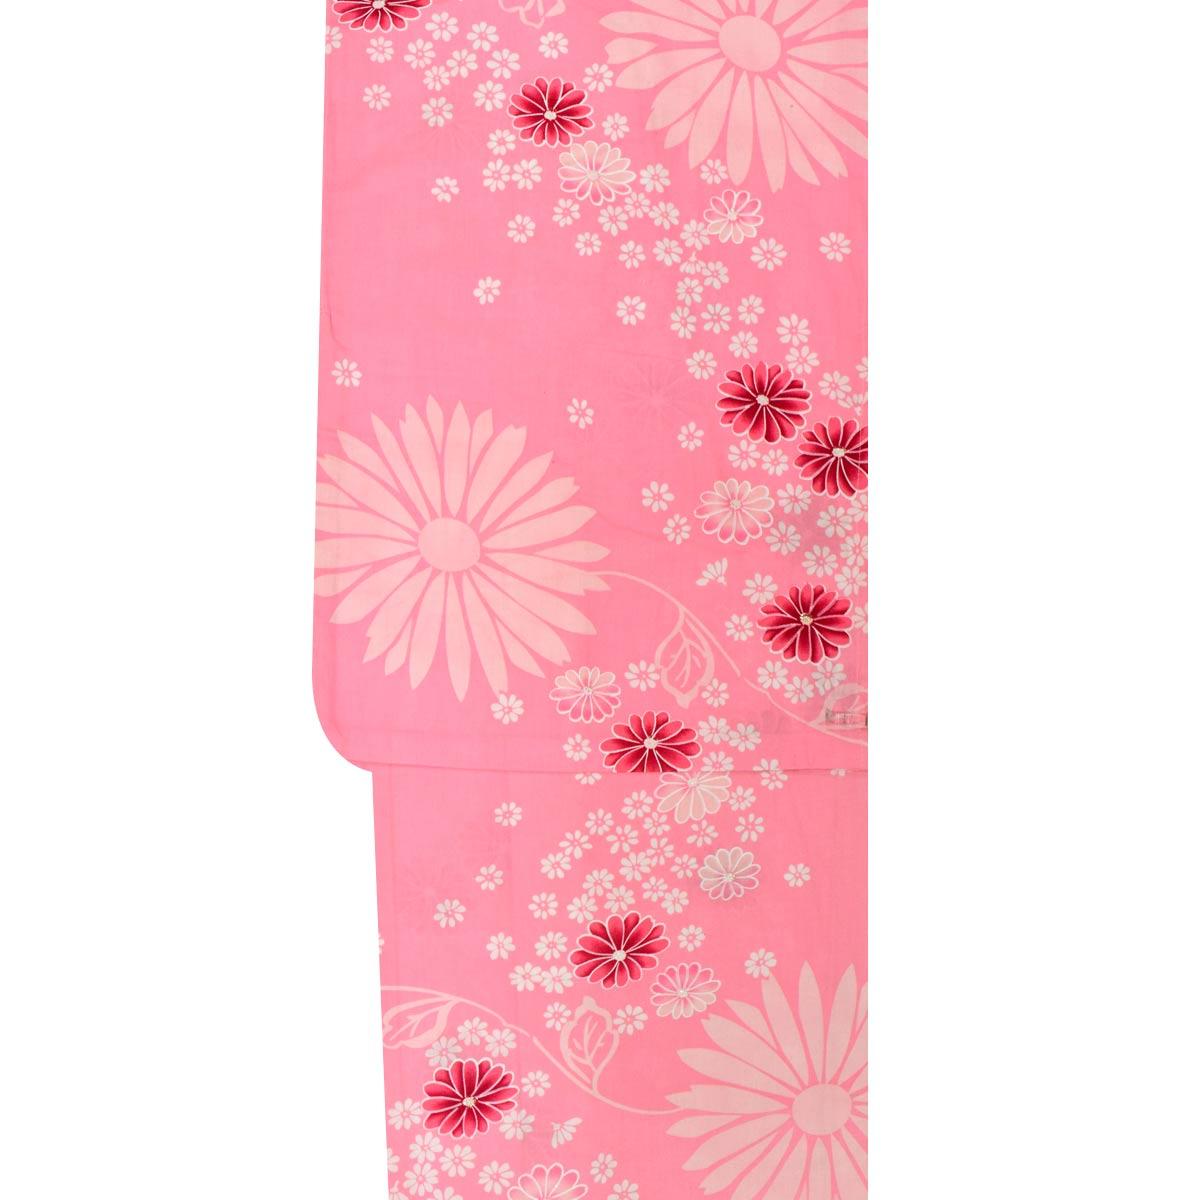 【Sサイズ】レディース浴衣小さめサイズ プチサイズ ゆかた単品 yukata ユカタ 祭り 納涼祭番号d814-51